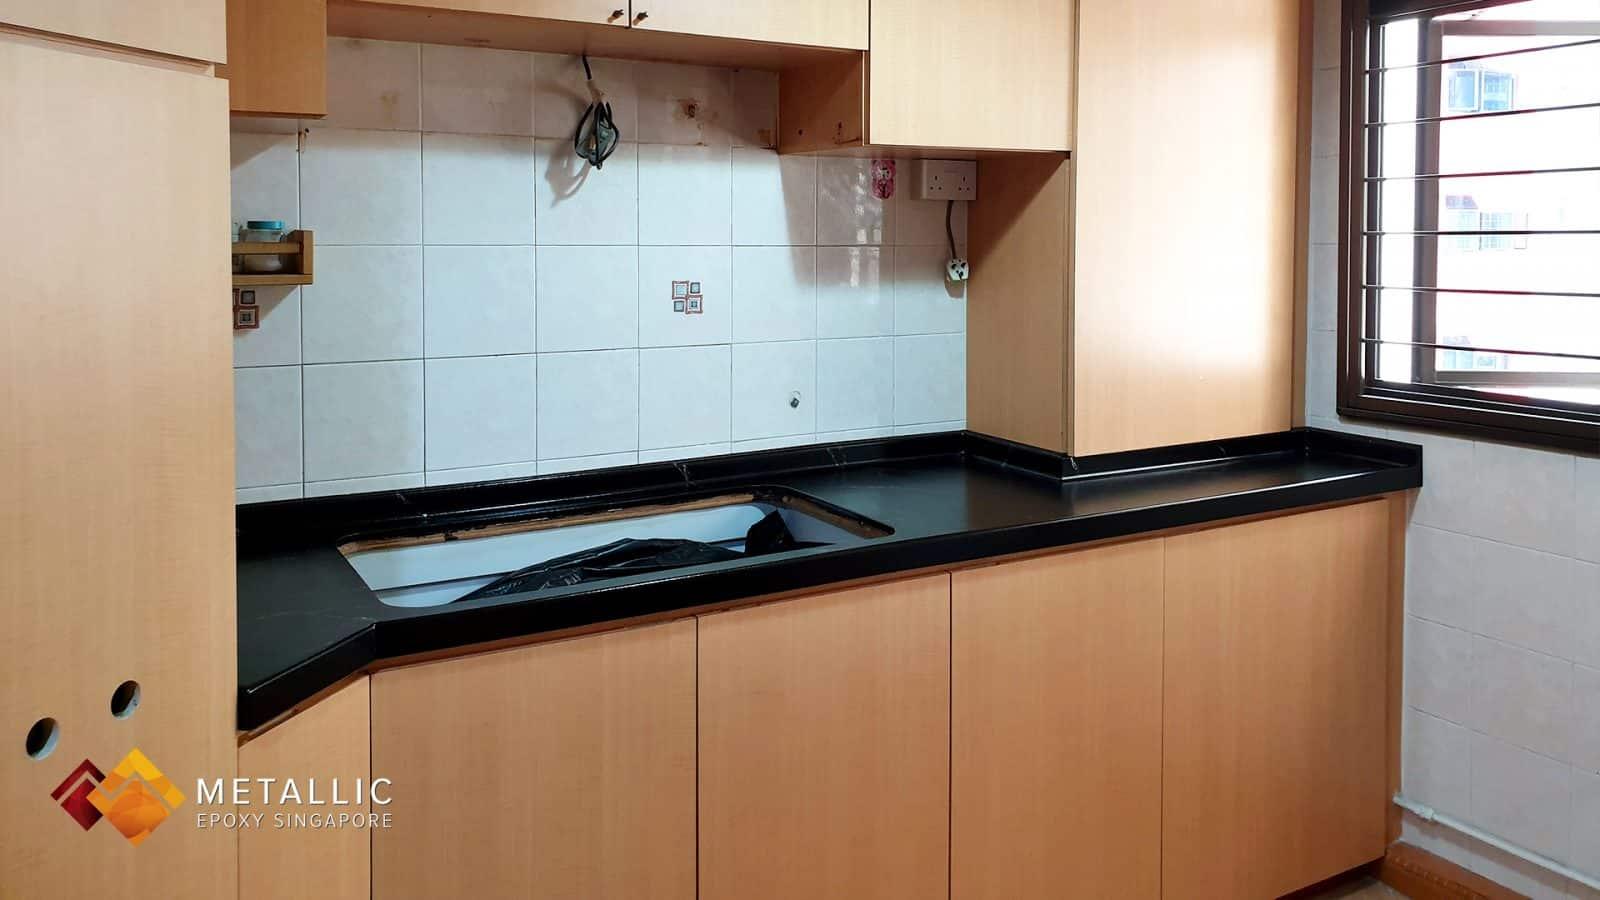 Metallic Epoxy Singapore Matte Black Silver Countertop